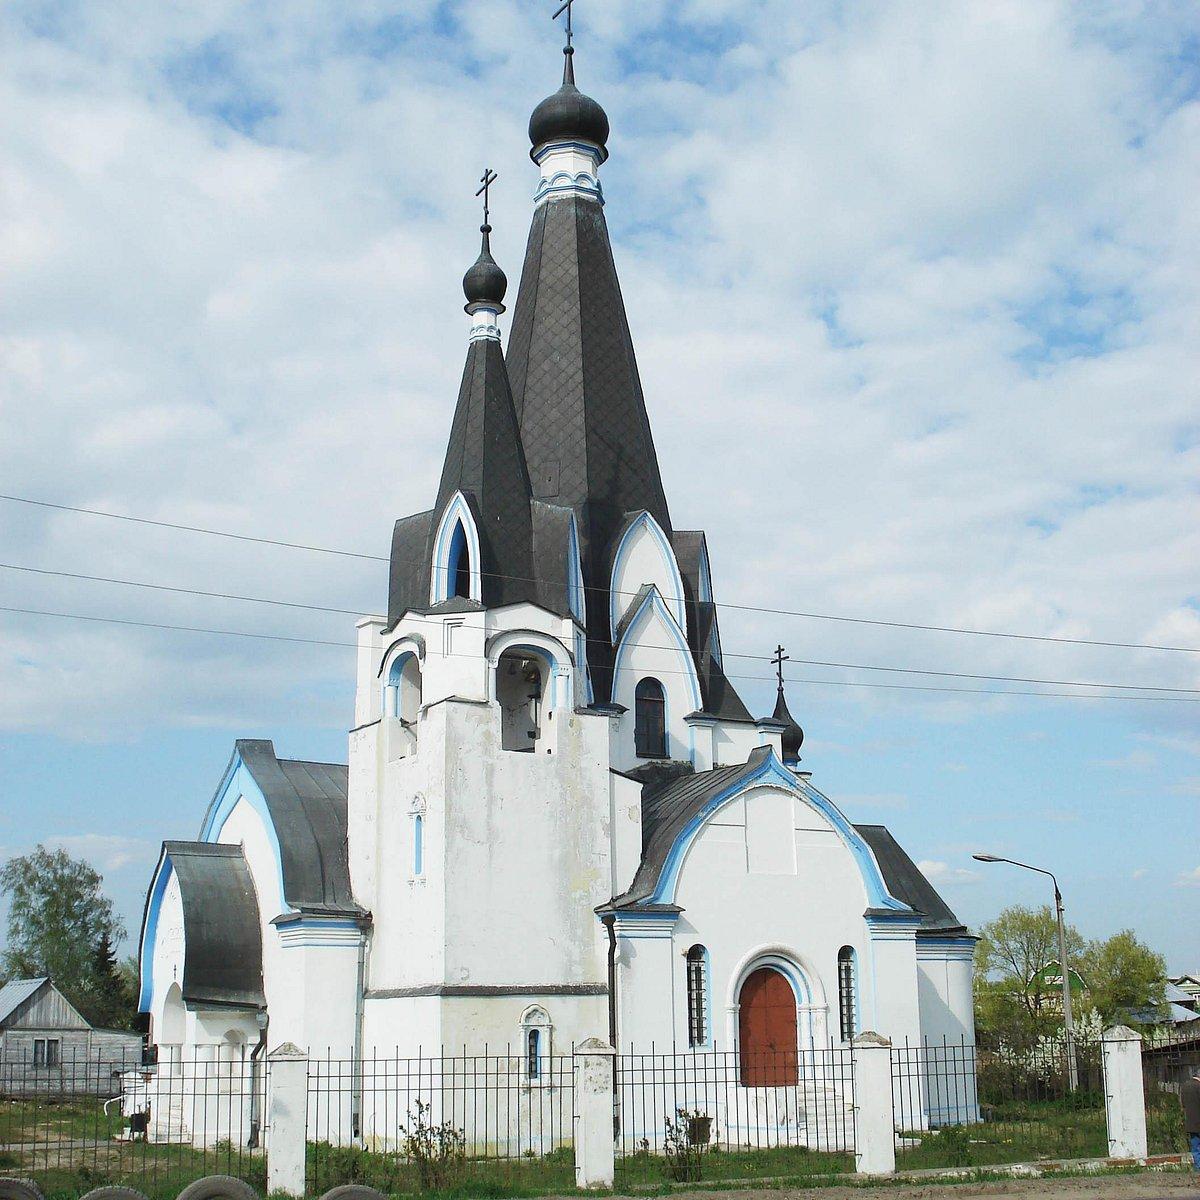 Церковь Георгия Победоносца в Новохаритоново (Гжель)